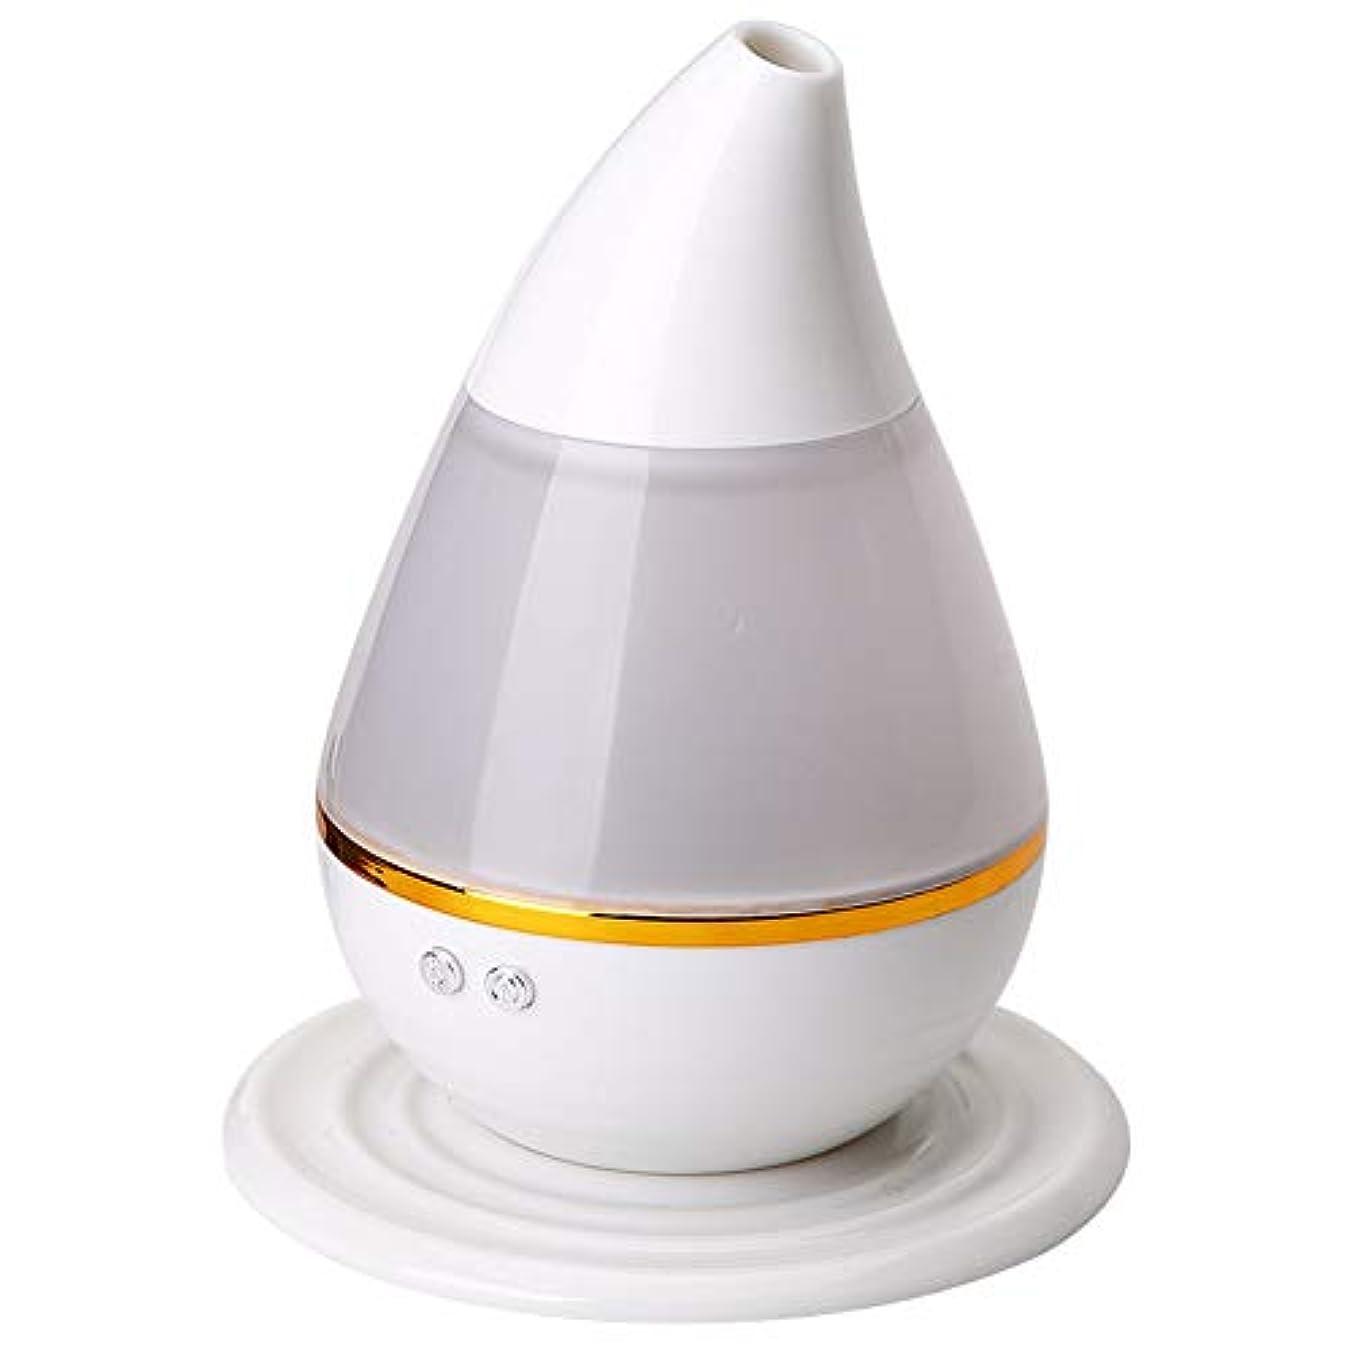 レトルト狂信者バンジージャンプエッセンシャル オイル ディフューザー, 涼しい霧の加湿器 7色LEDムードランプ そして 自動シャットオフ アロマディフューザー の ホーム オフィス Yoga 車-ホワイト 12x15cm